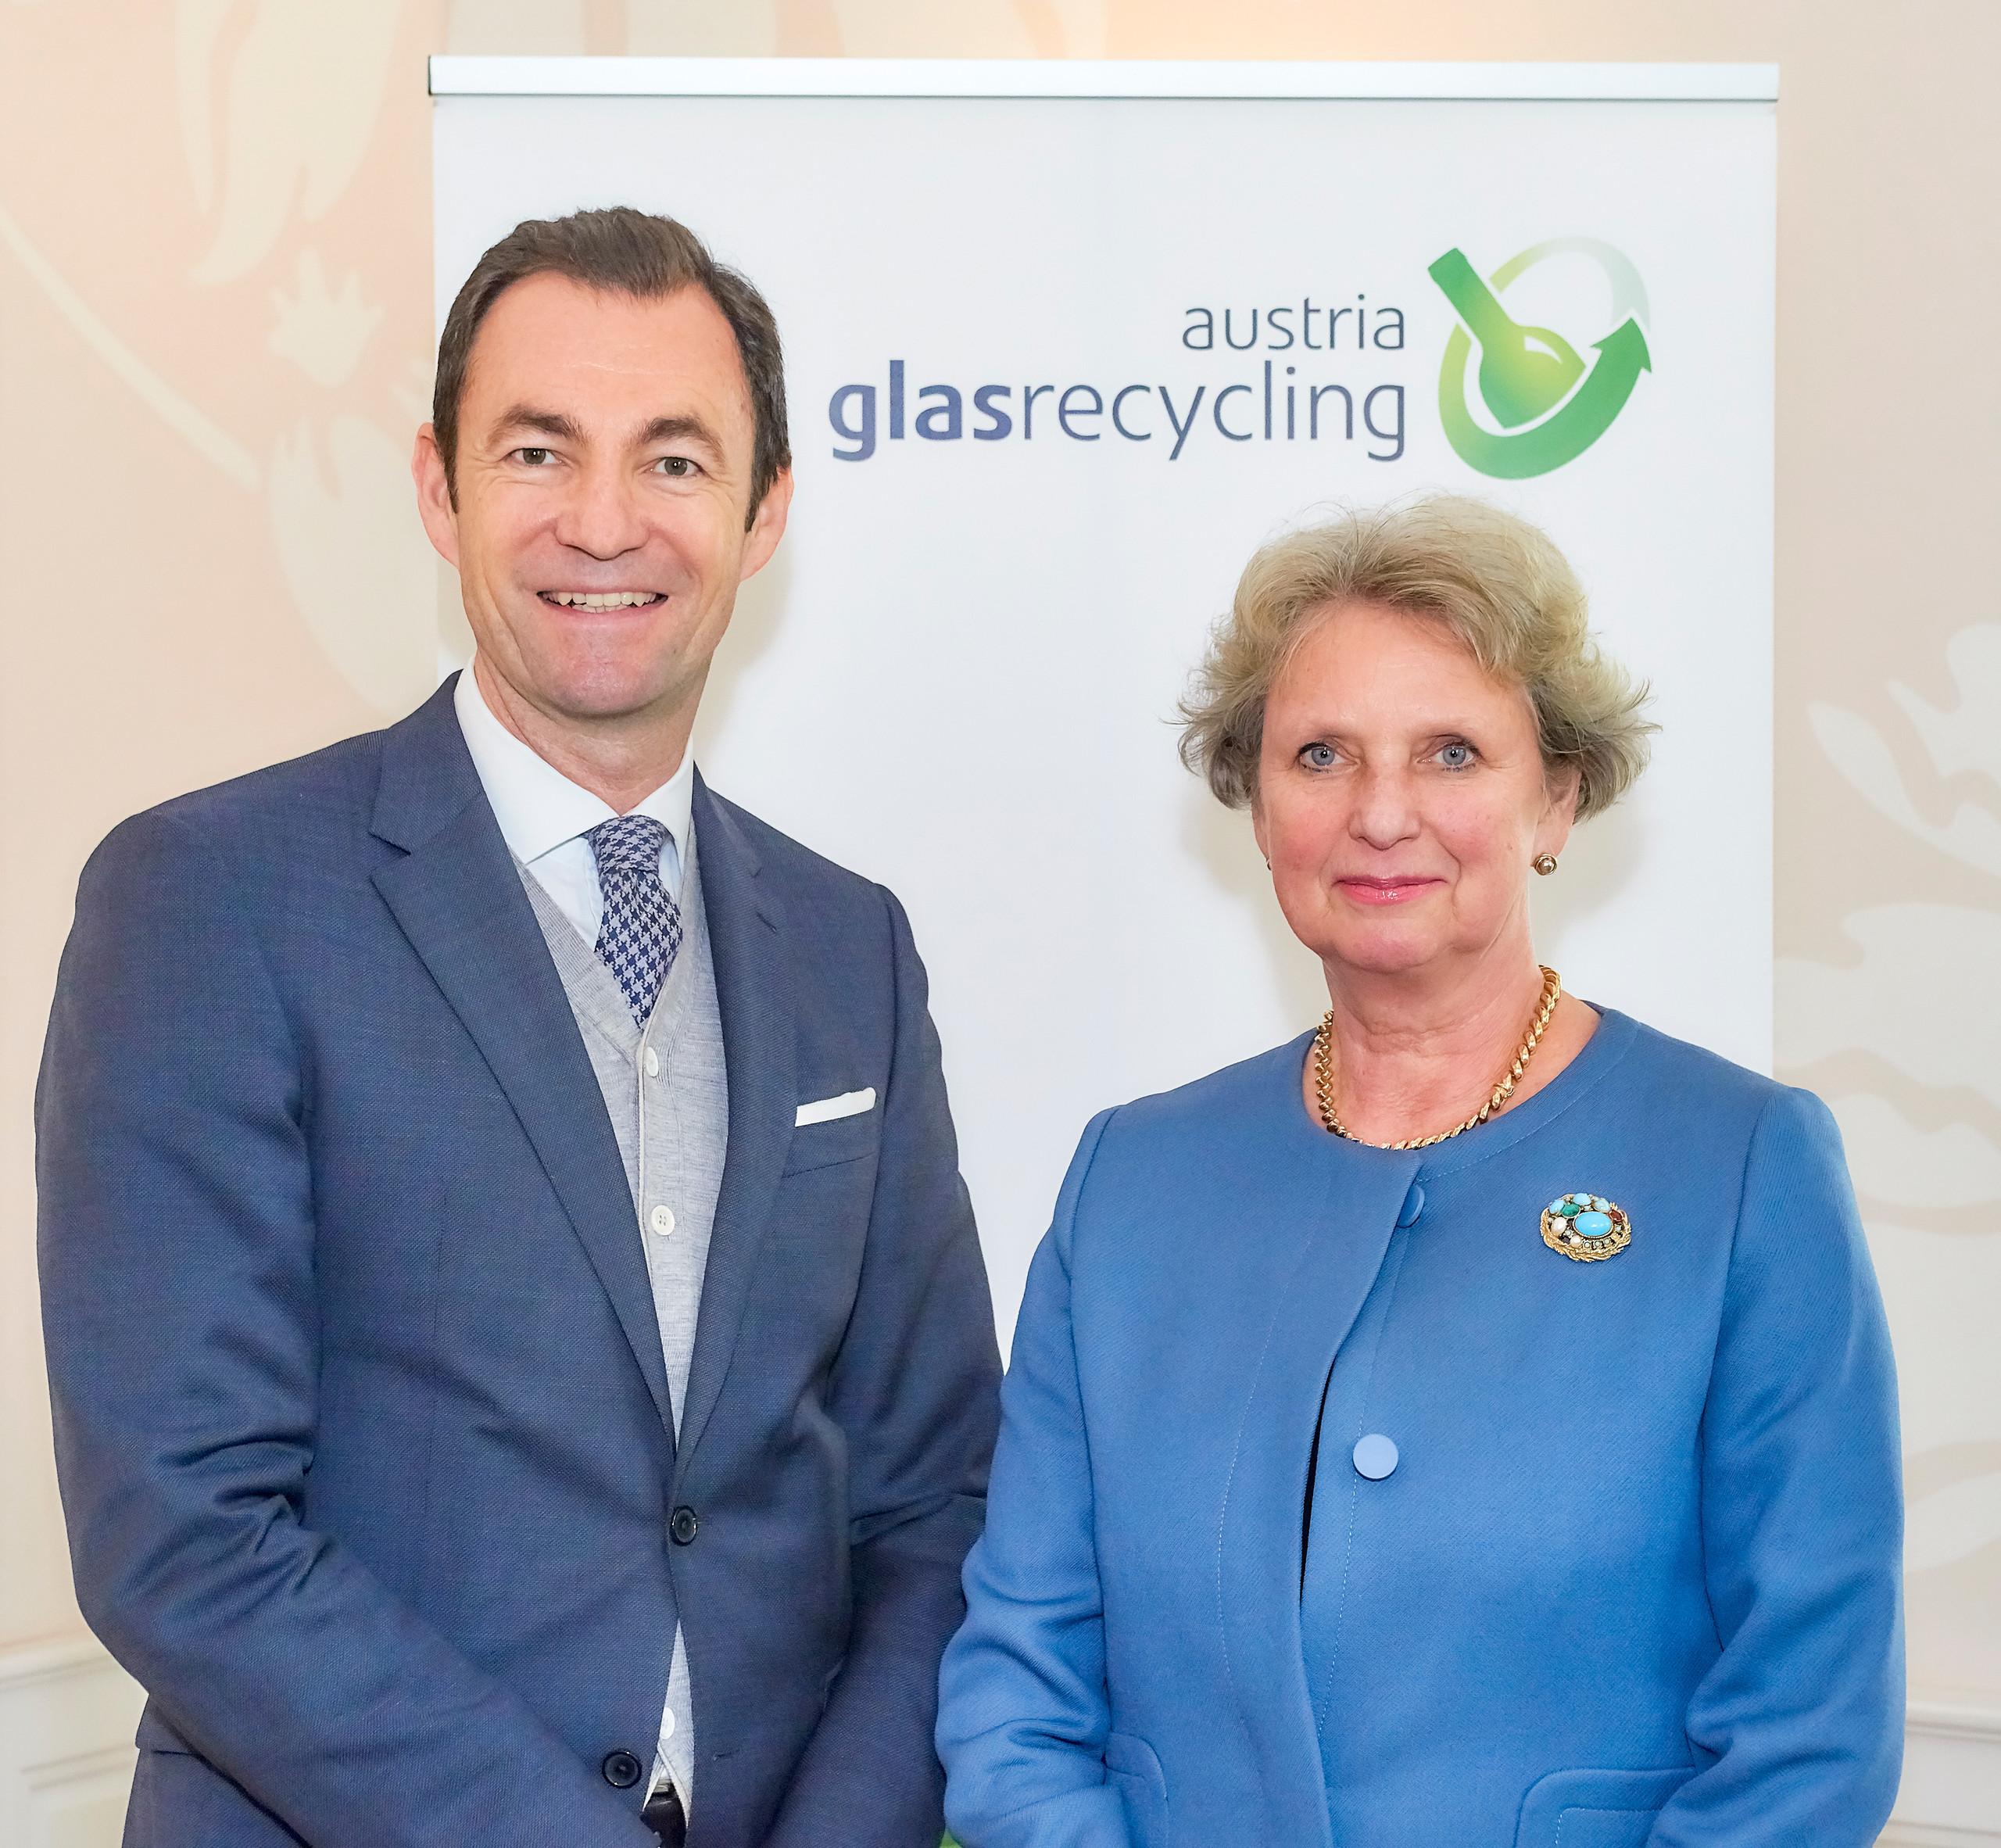 10. Austria Glas ReCIRCLE am 9. Nov. 2017: Harald Hauke mit Impulsrednerin Maritta von Bieberstein Koch-Weser